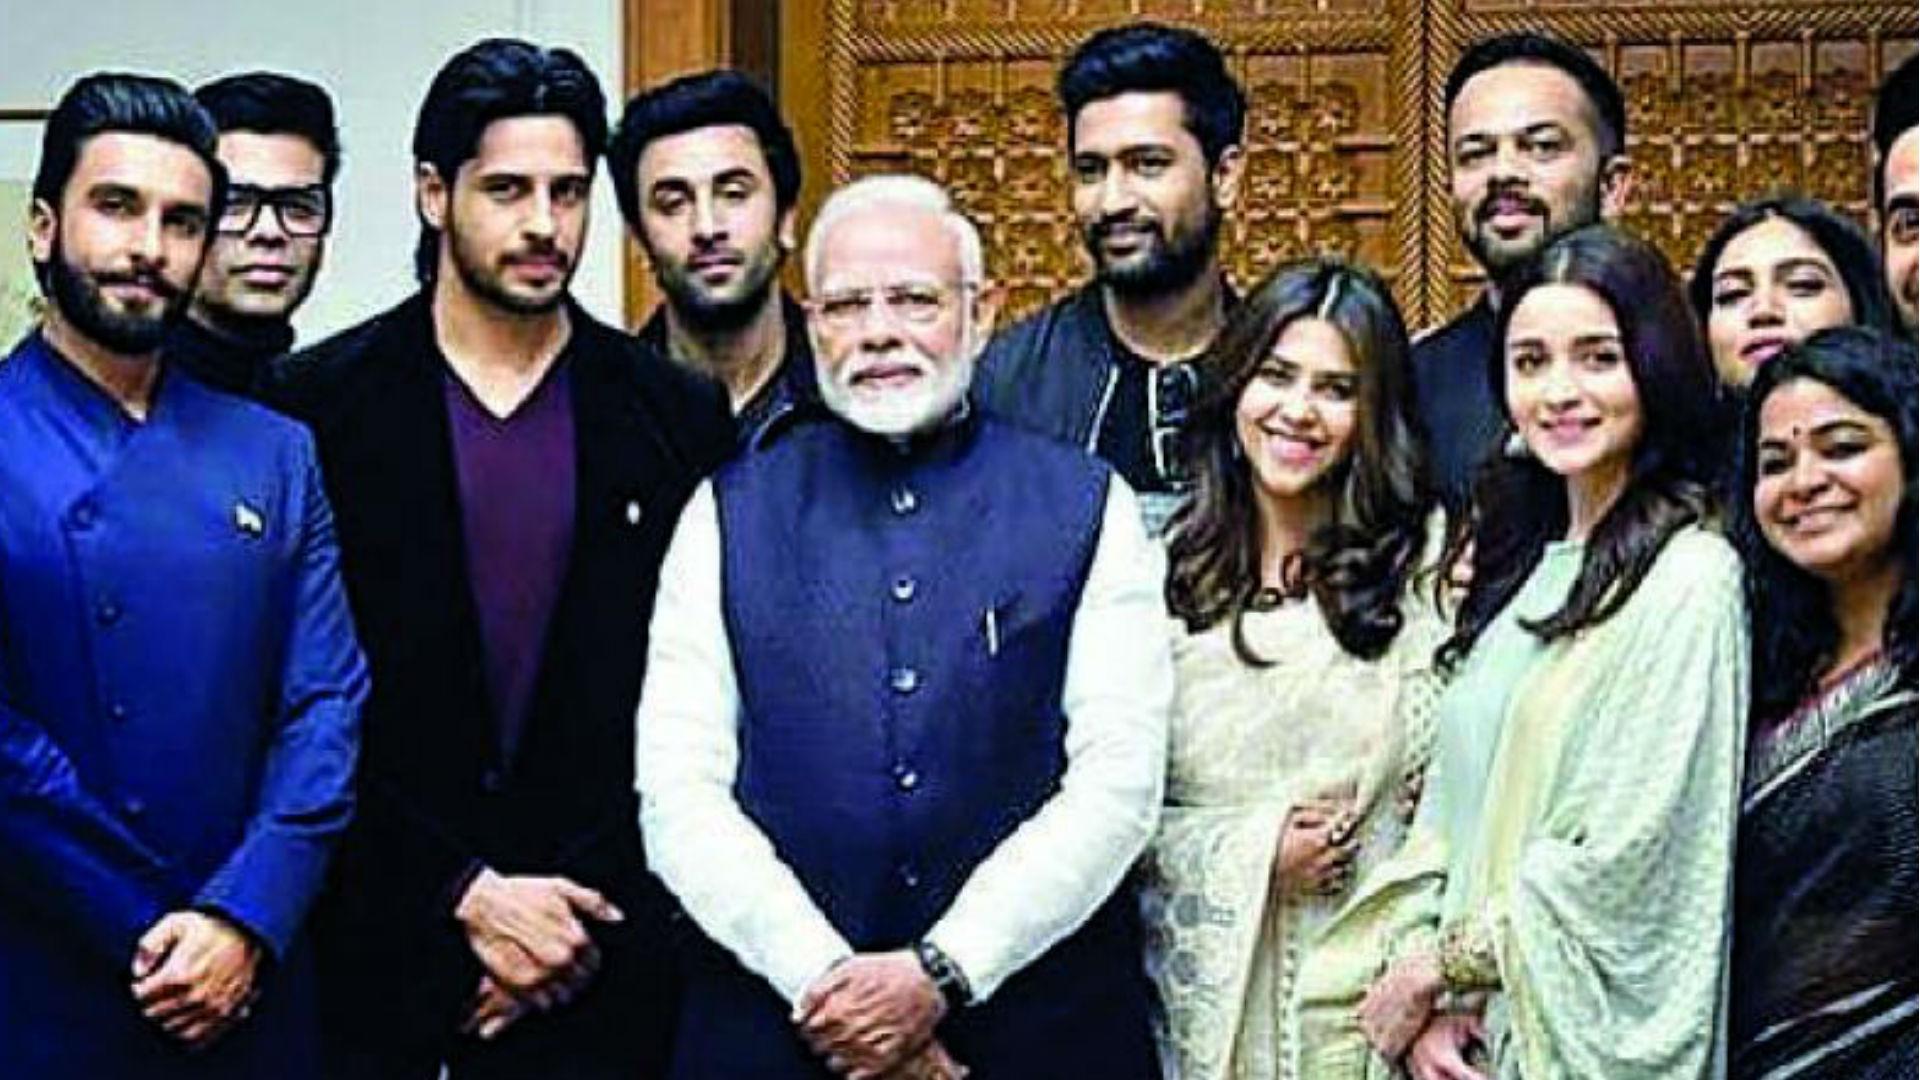 PM मोदी ने फिल्म इंडस्ट्री से की ये अपील, कहा- मेरा भरोसा है इंटरनेशनल फिल्मों की शूटिंग भी कश्मीर में होगी!